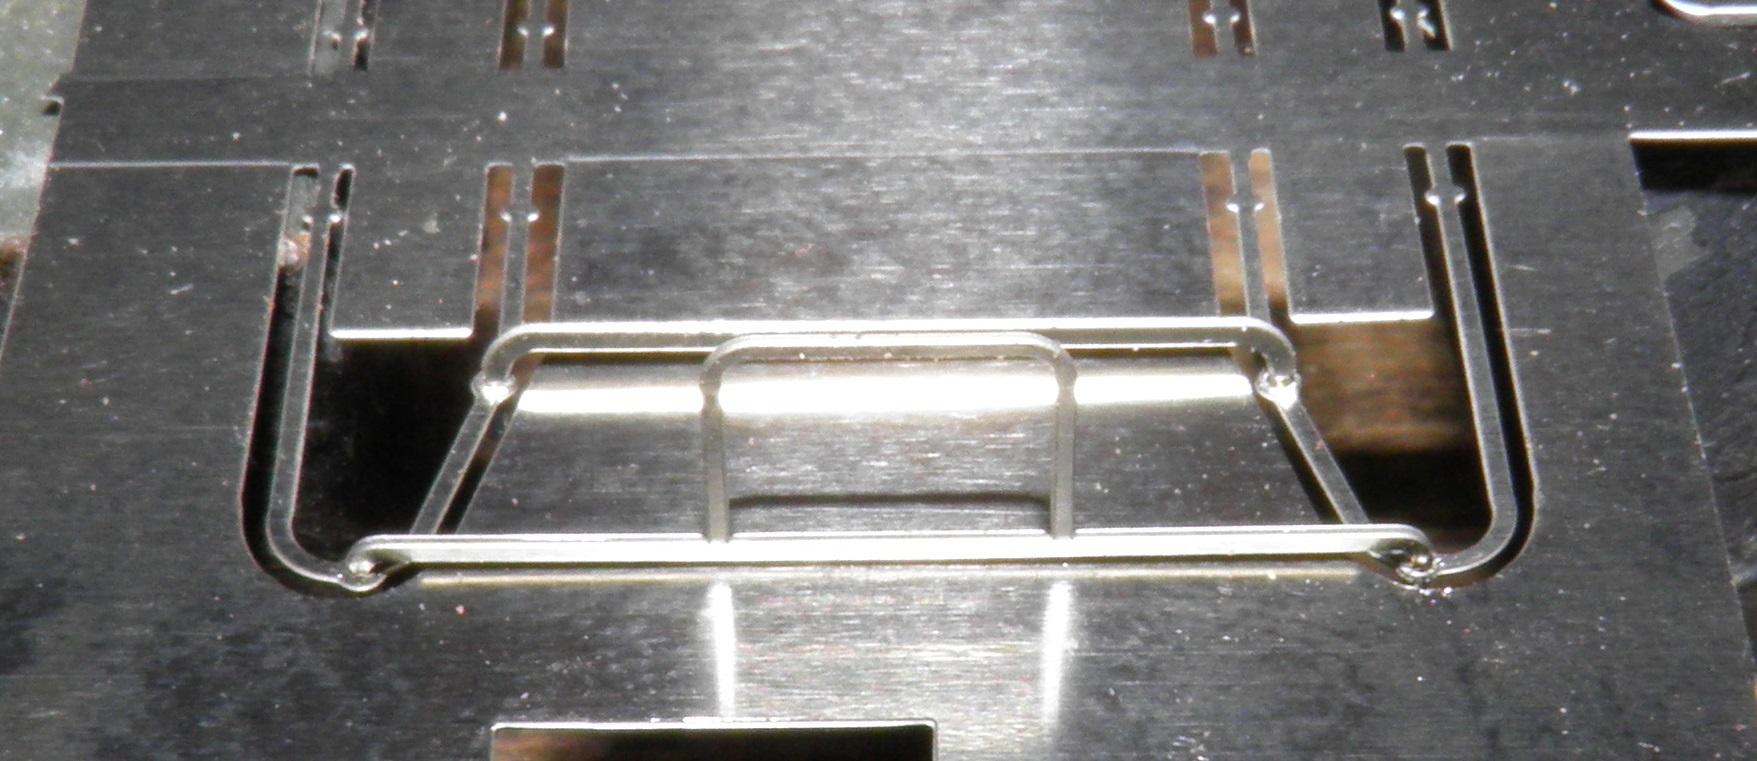 mettre du flux par dessous pour evitez la remontée capillaire (soudure debordant sur la partie visible ) donc soudure par dessous et voici le resultat. par la suite pliez le support superieur ,un leger coup de soudure .ce support peut etre supprimé selon....